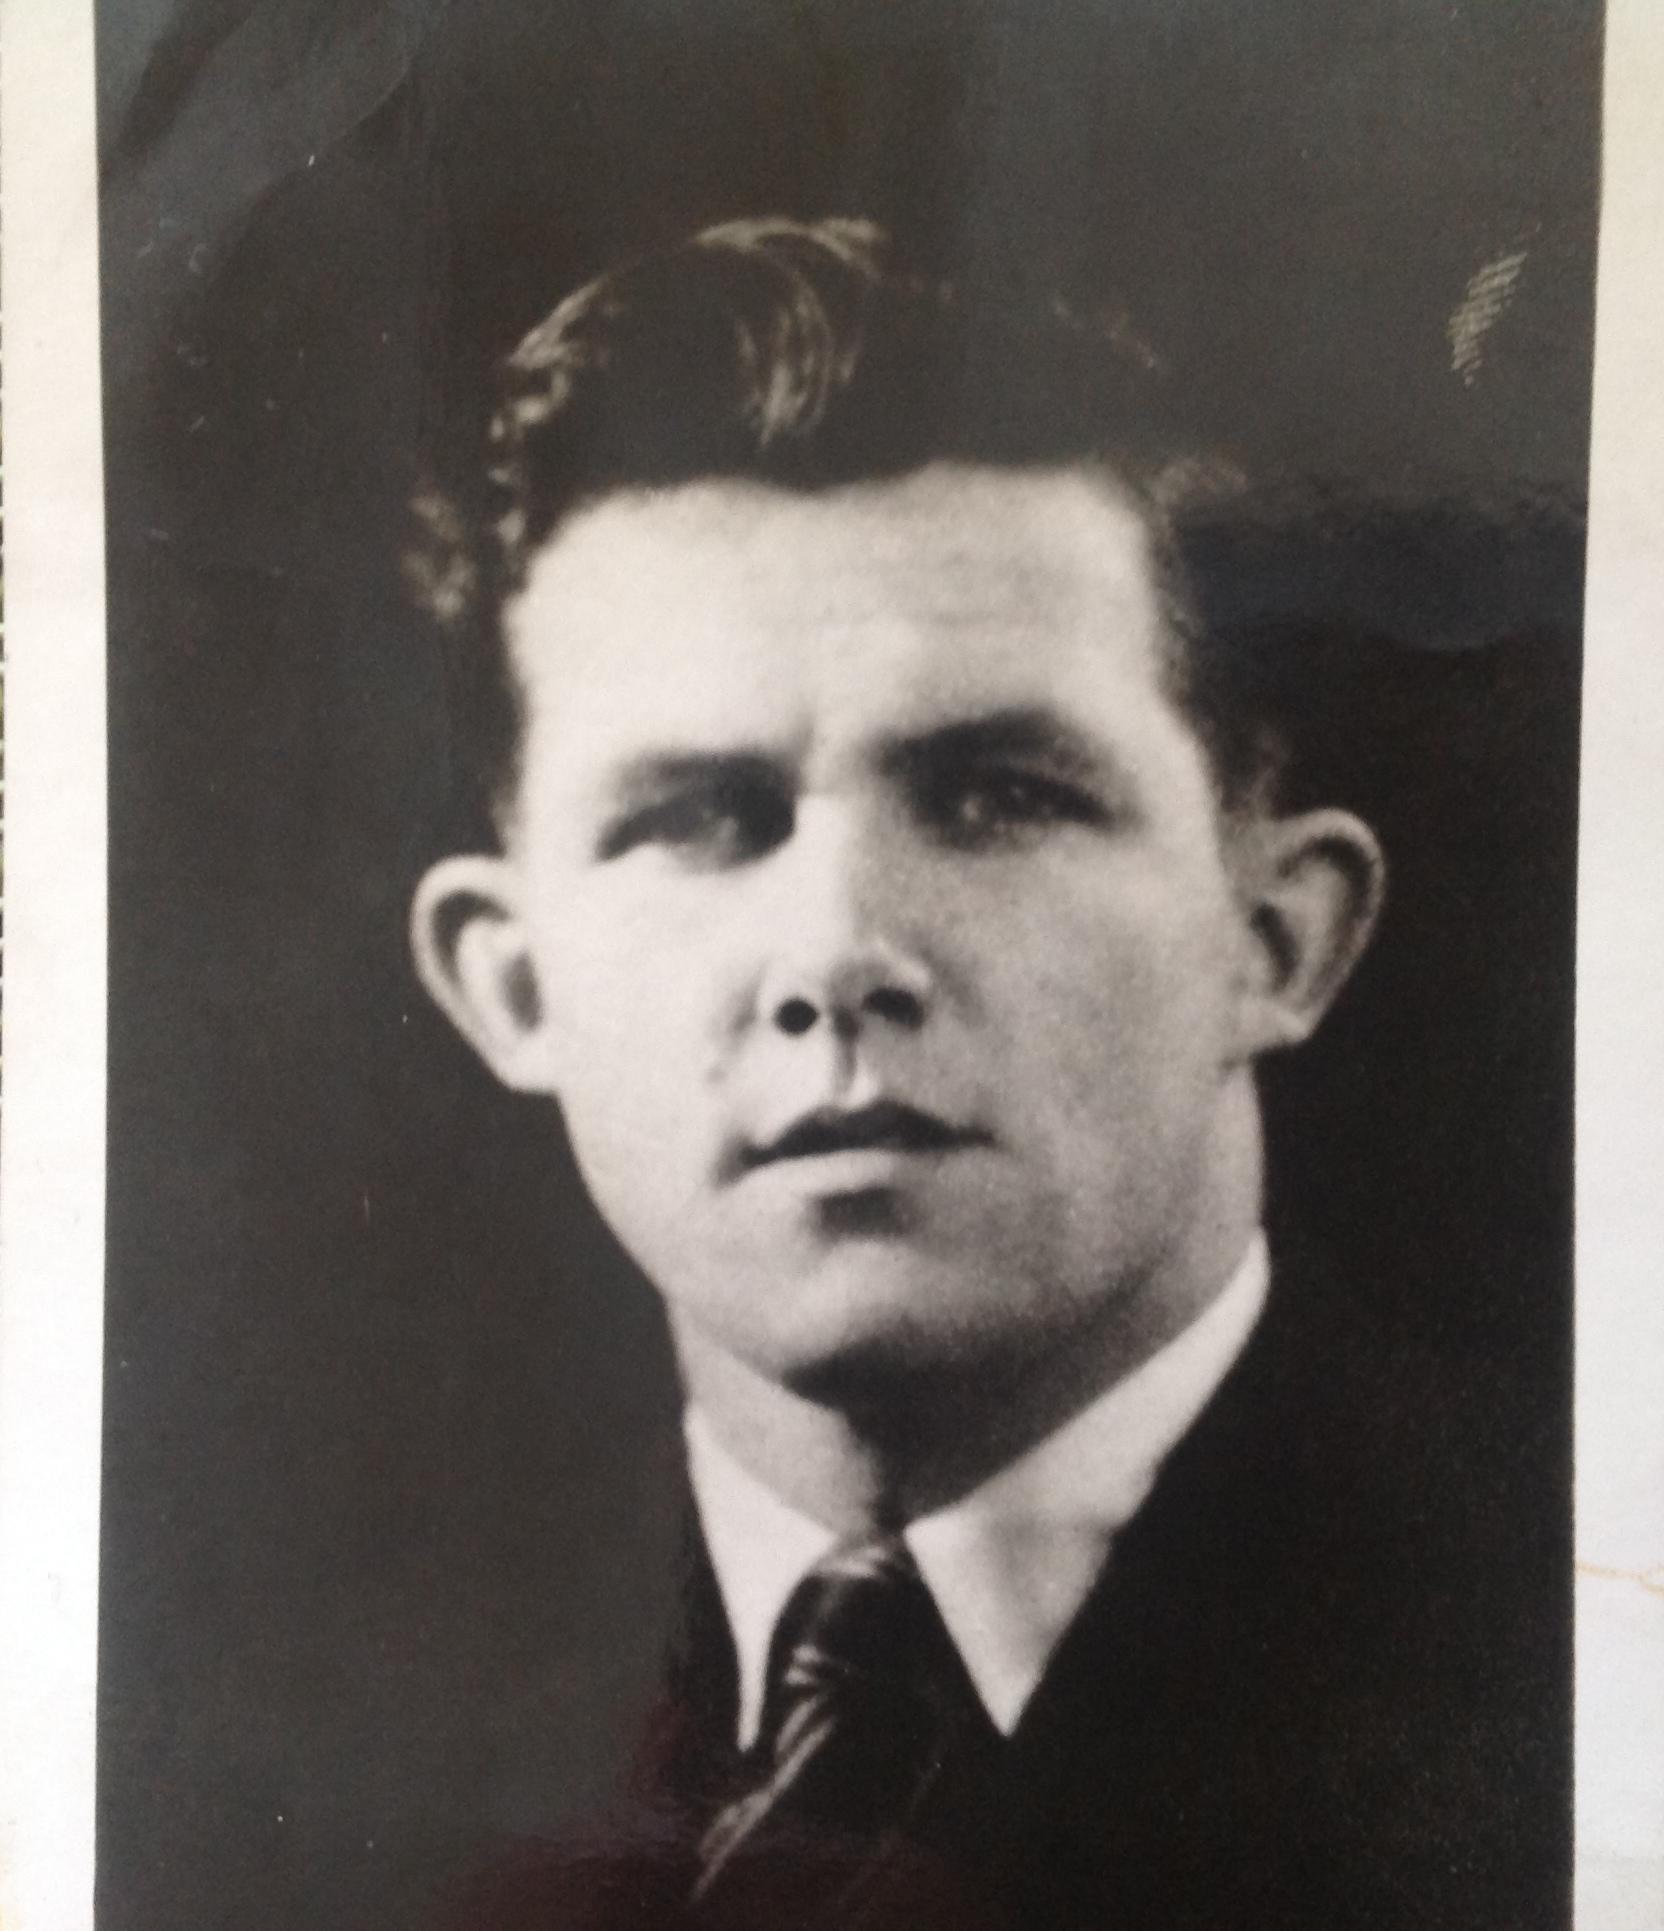 Harold Daley